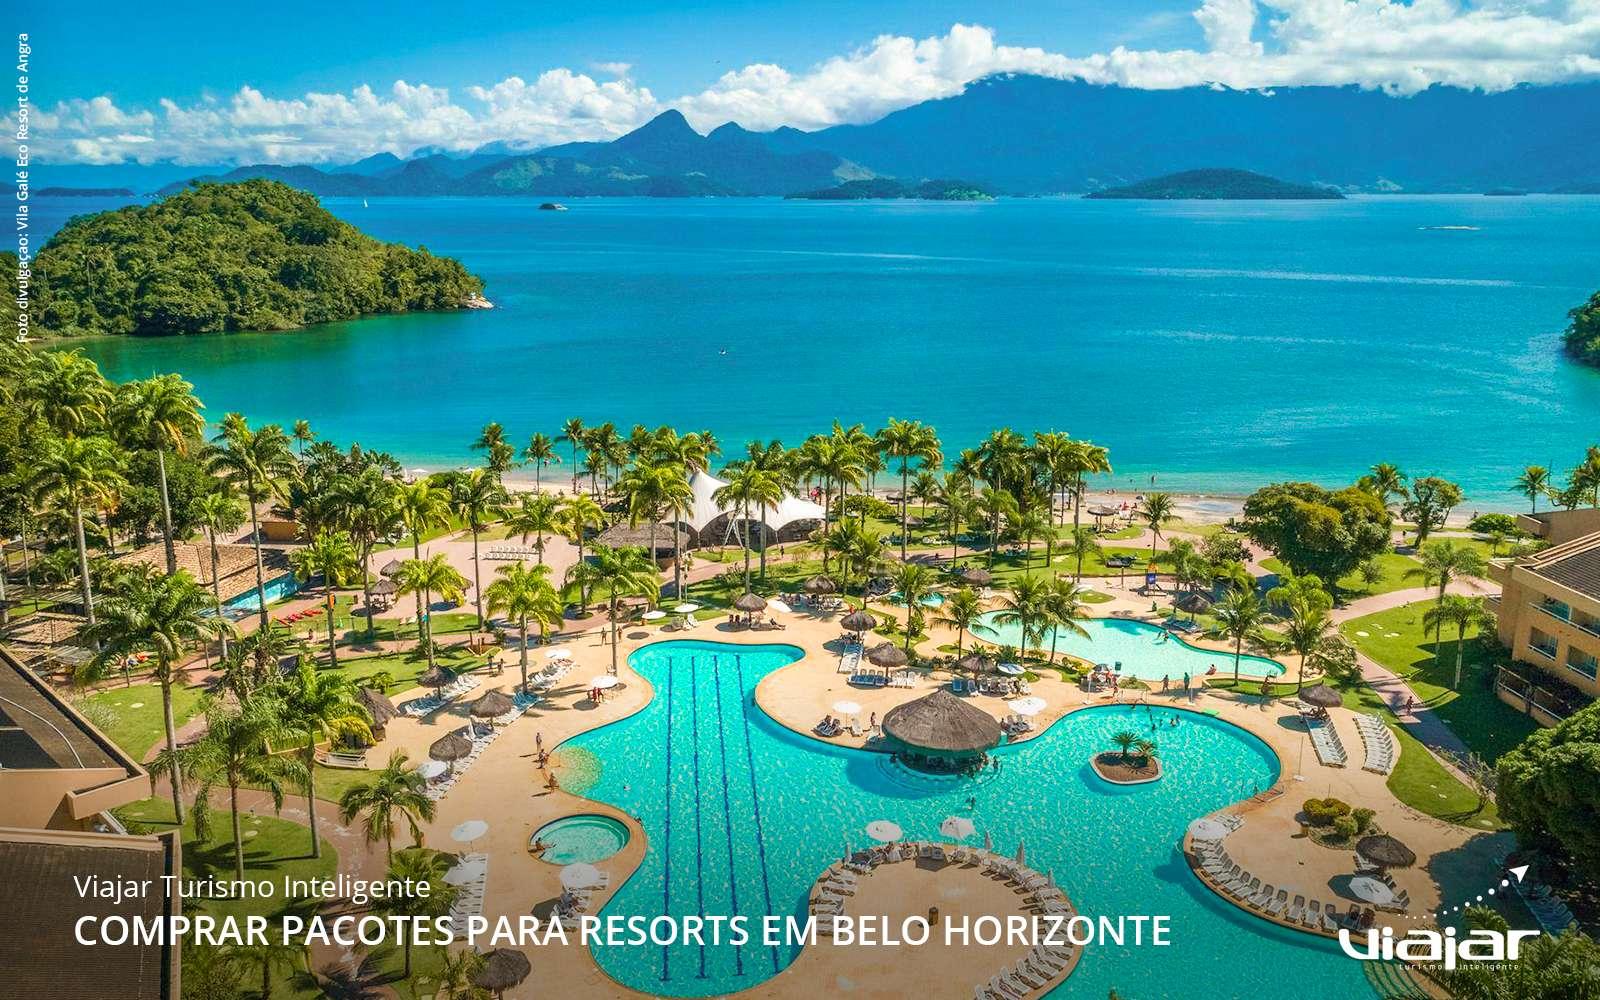 viajar-turismo-inteligente-comprar-pacotes-resorts-belo-horizonte-minas-gerais-17-1